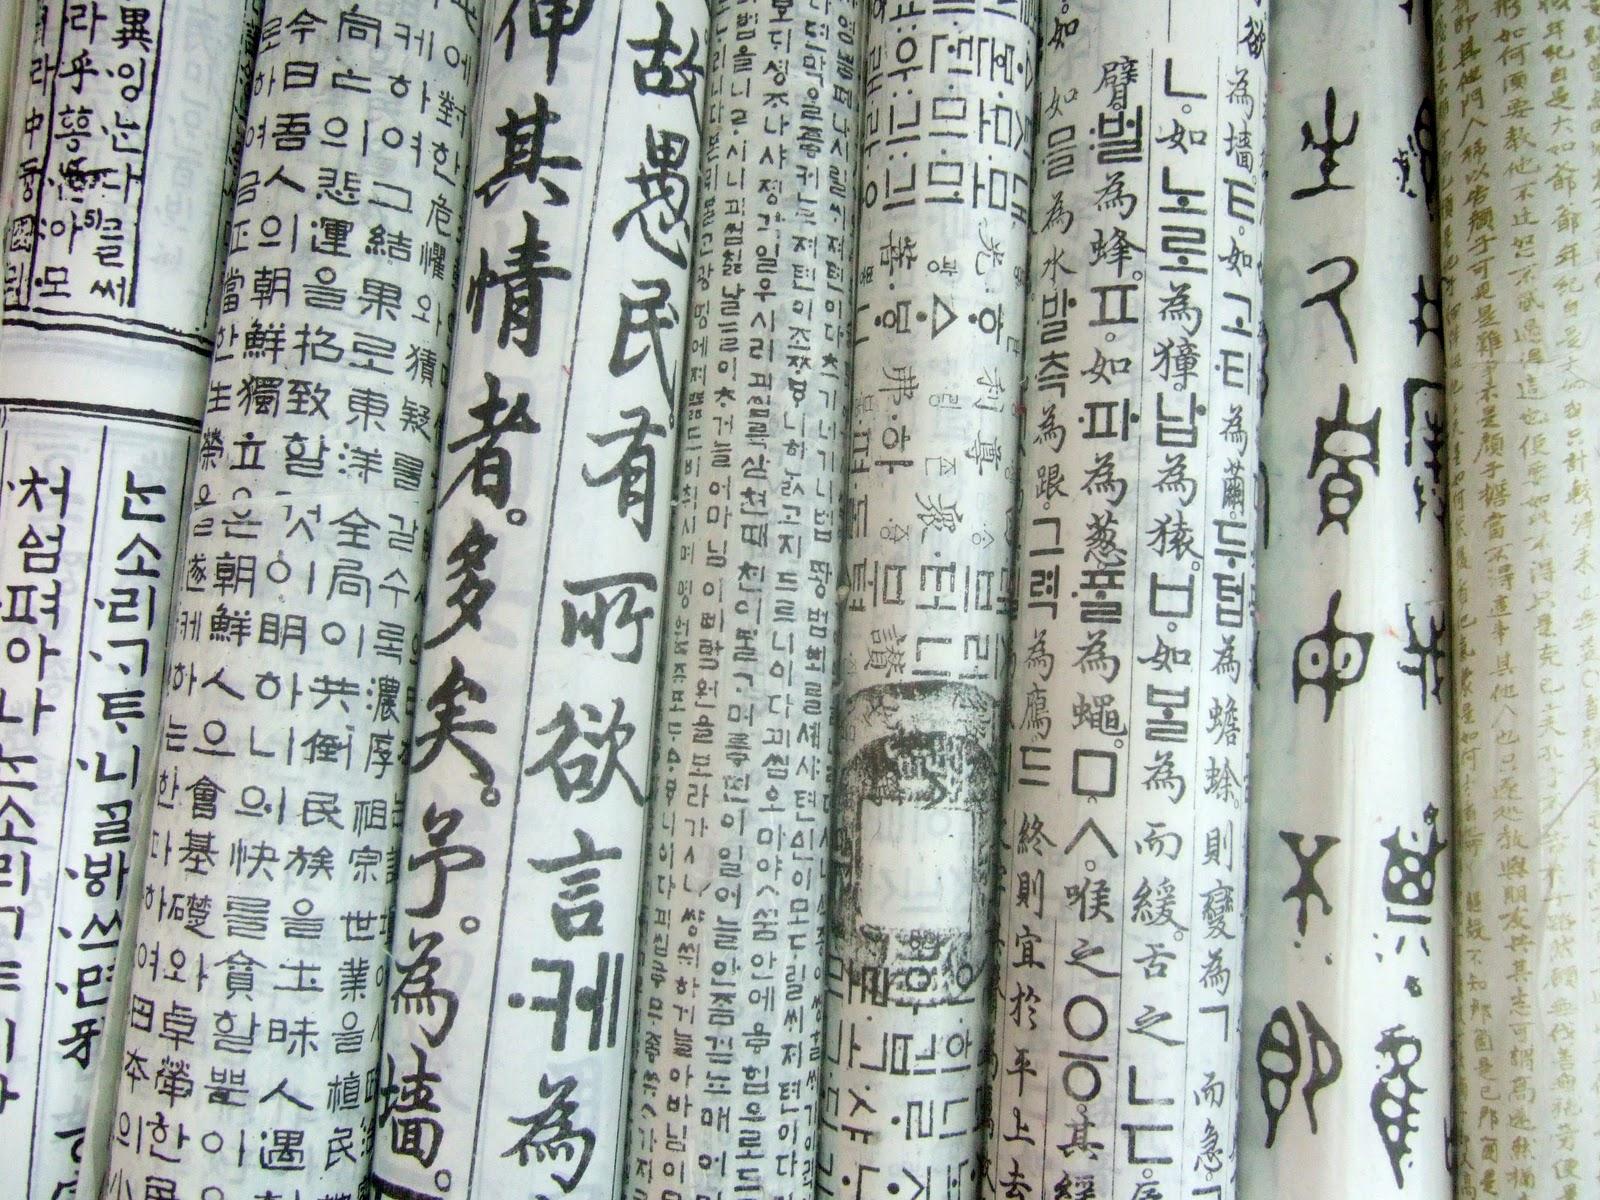 http://4.bp.blogspot.com/_mwIQ-5Qenas/TL0R8fXnTOI/AAAAAAAAADM/Q6krH3C57Bk/s1600/Seoul-Korean-Hangul-Insadong-Papers.jpg